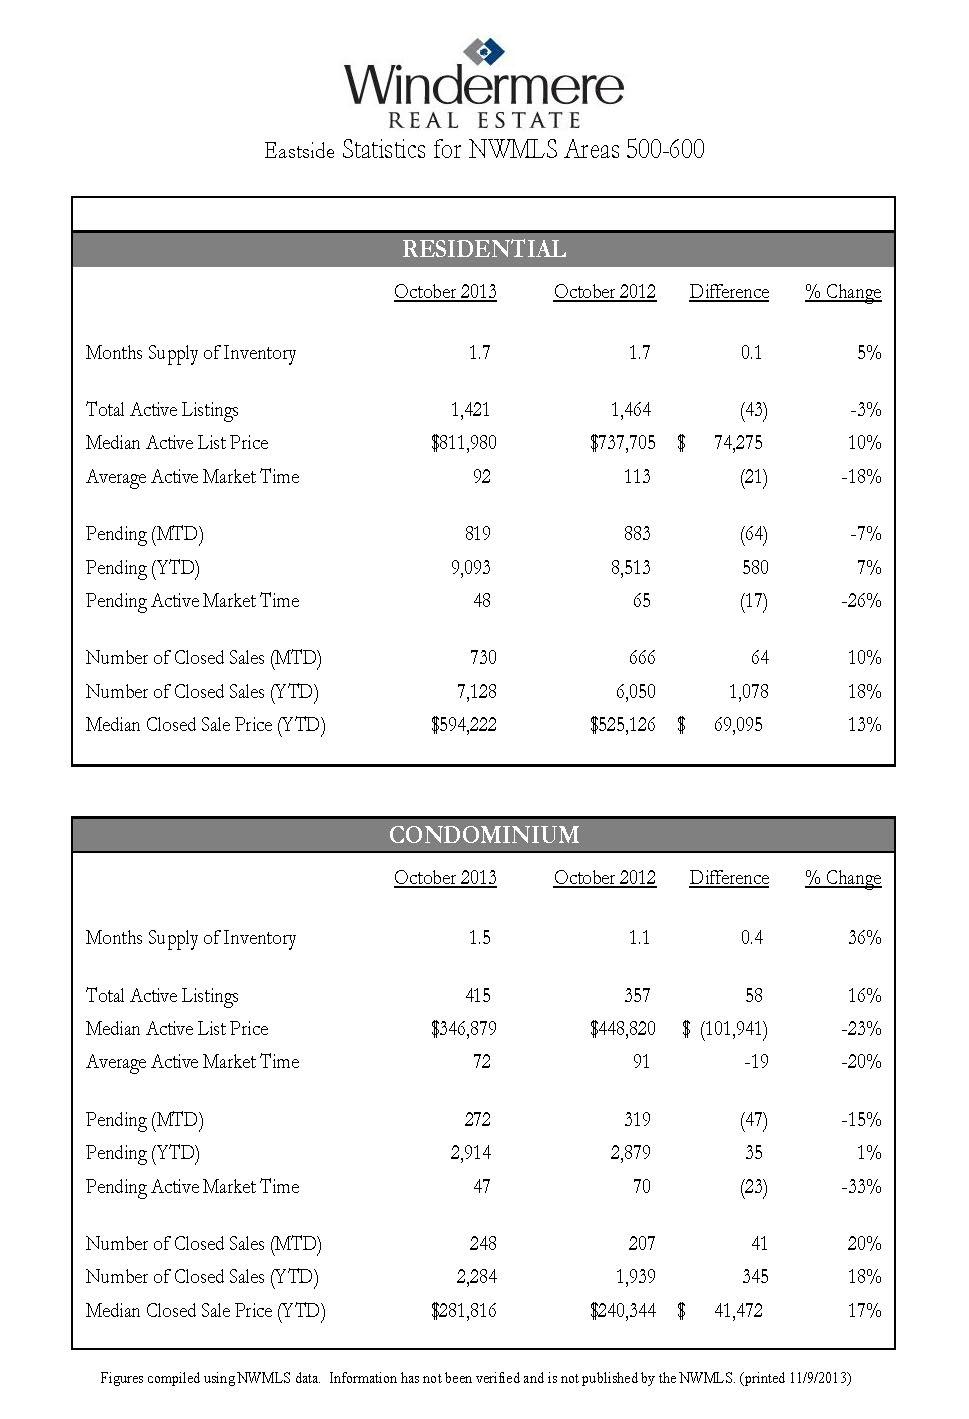 eastside-real-estate-statistics-october-2013